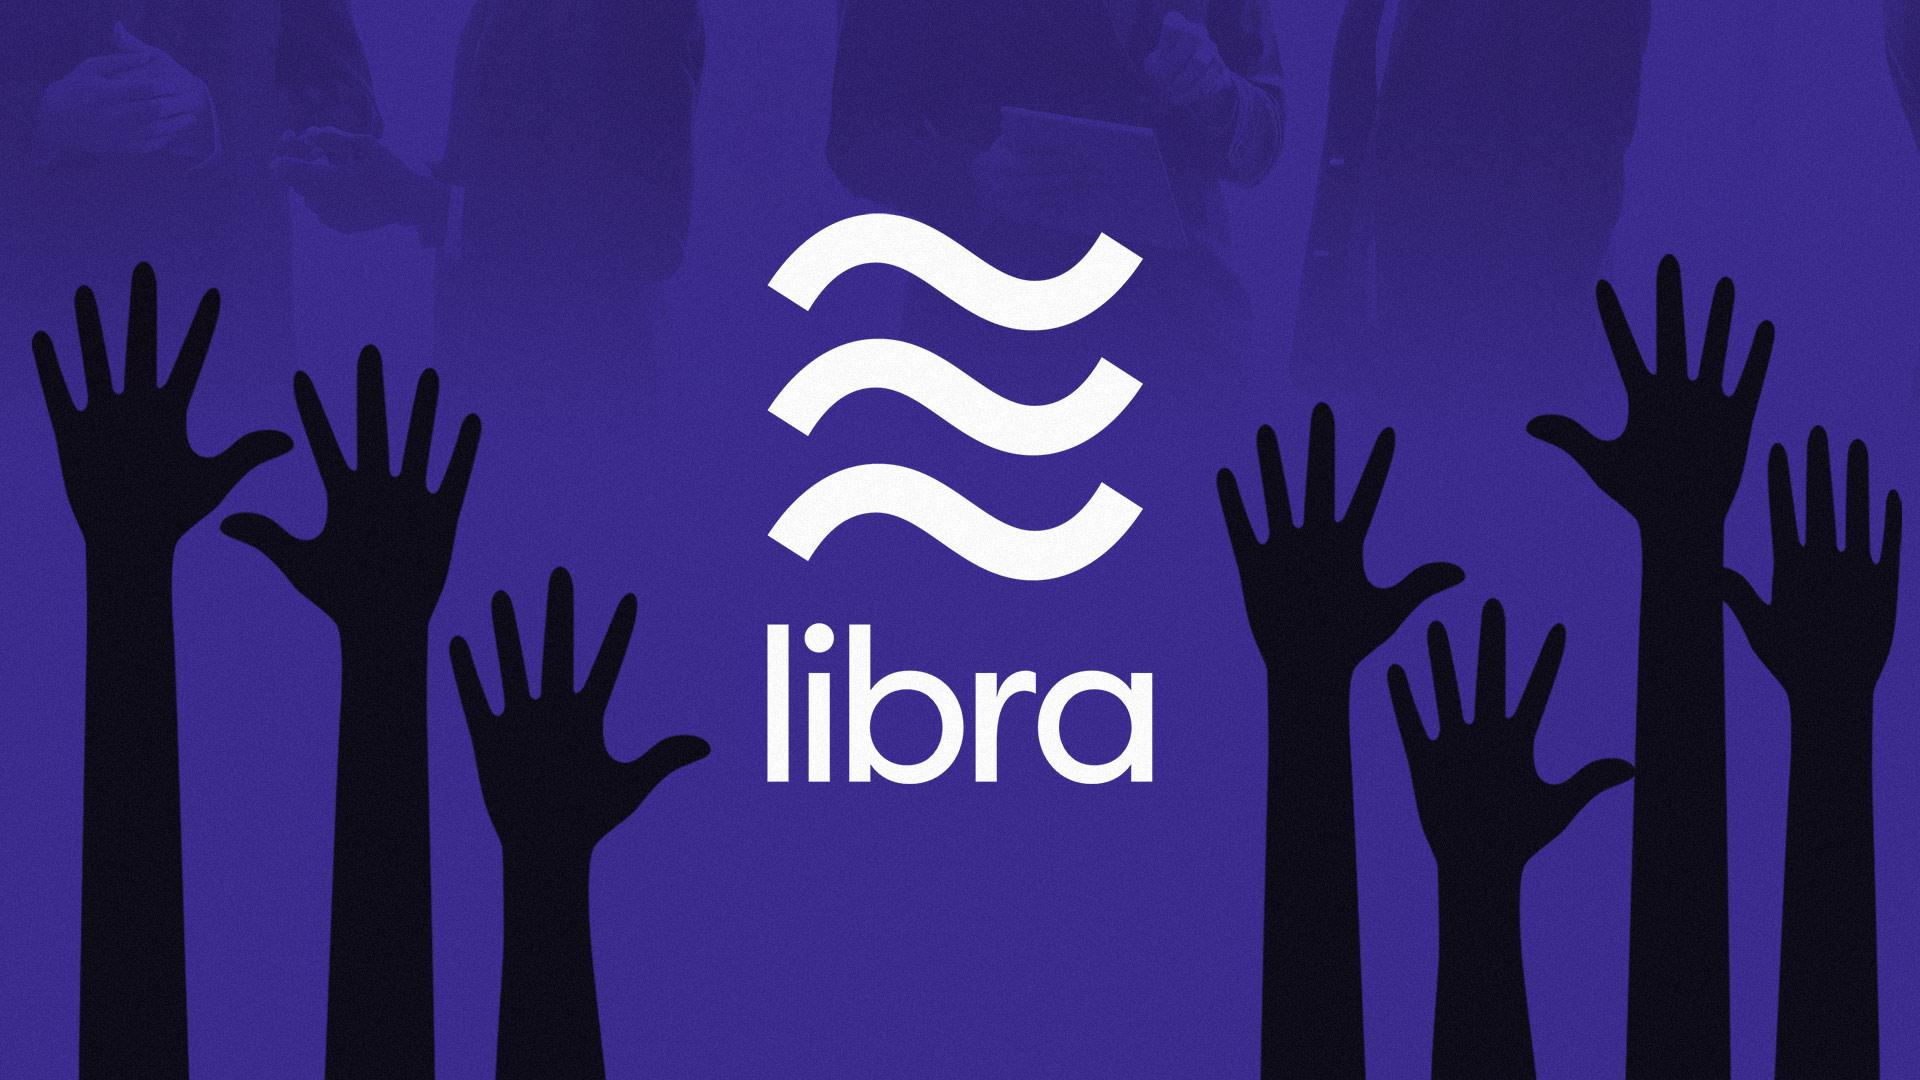 Libra Association сподівається запустити проект до кінця 2020 року